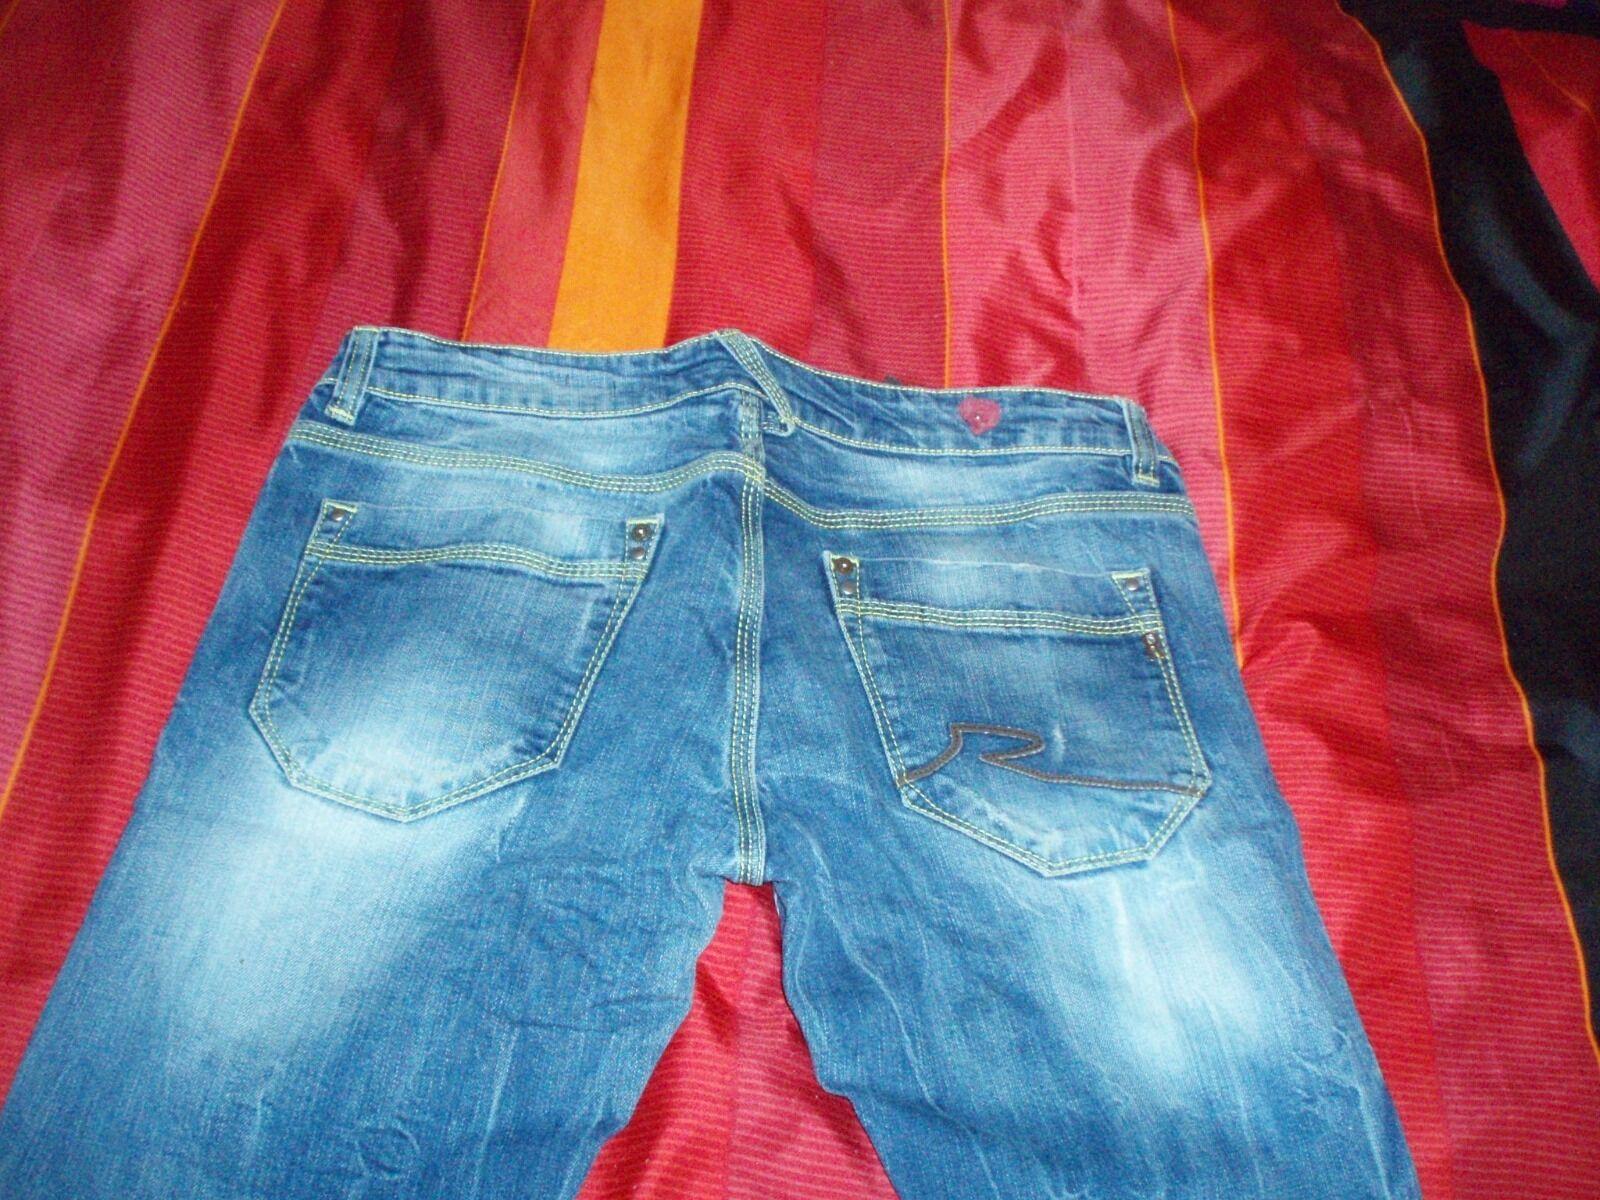 Damen Slim- jeans von von von Reserved   Für Ihre Wahl    Innovation    Authentisch    Großer Räumungsverkauf    Bunt,  3c1173